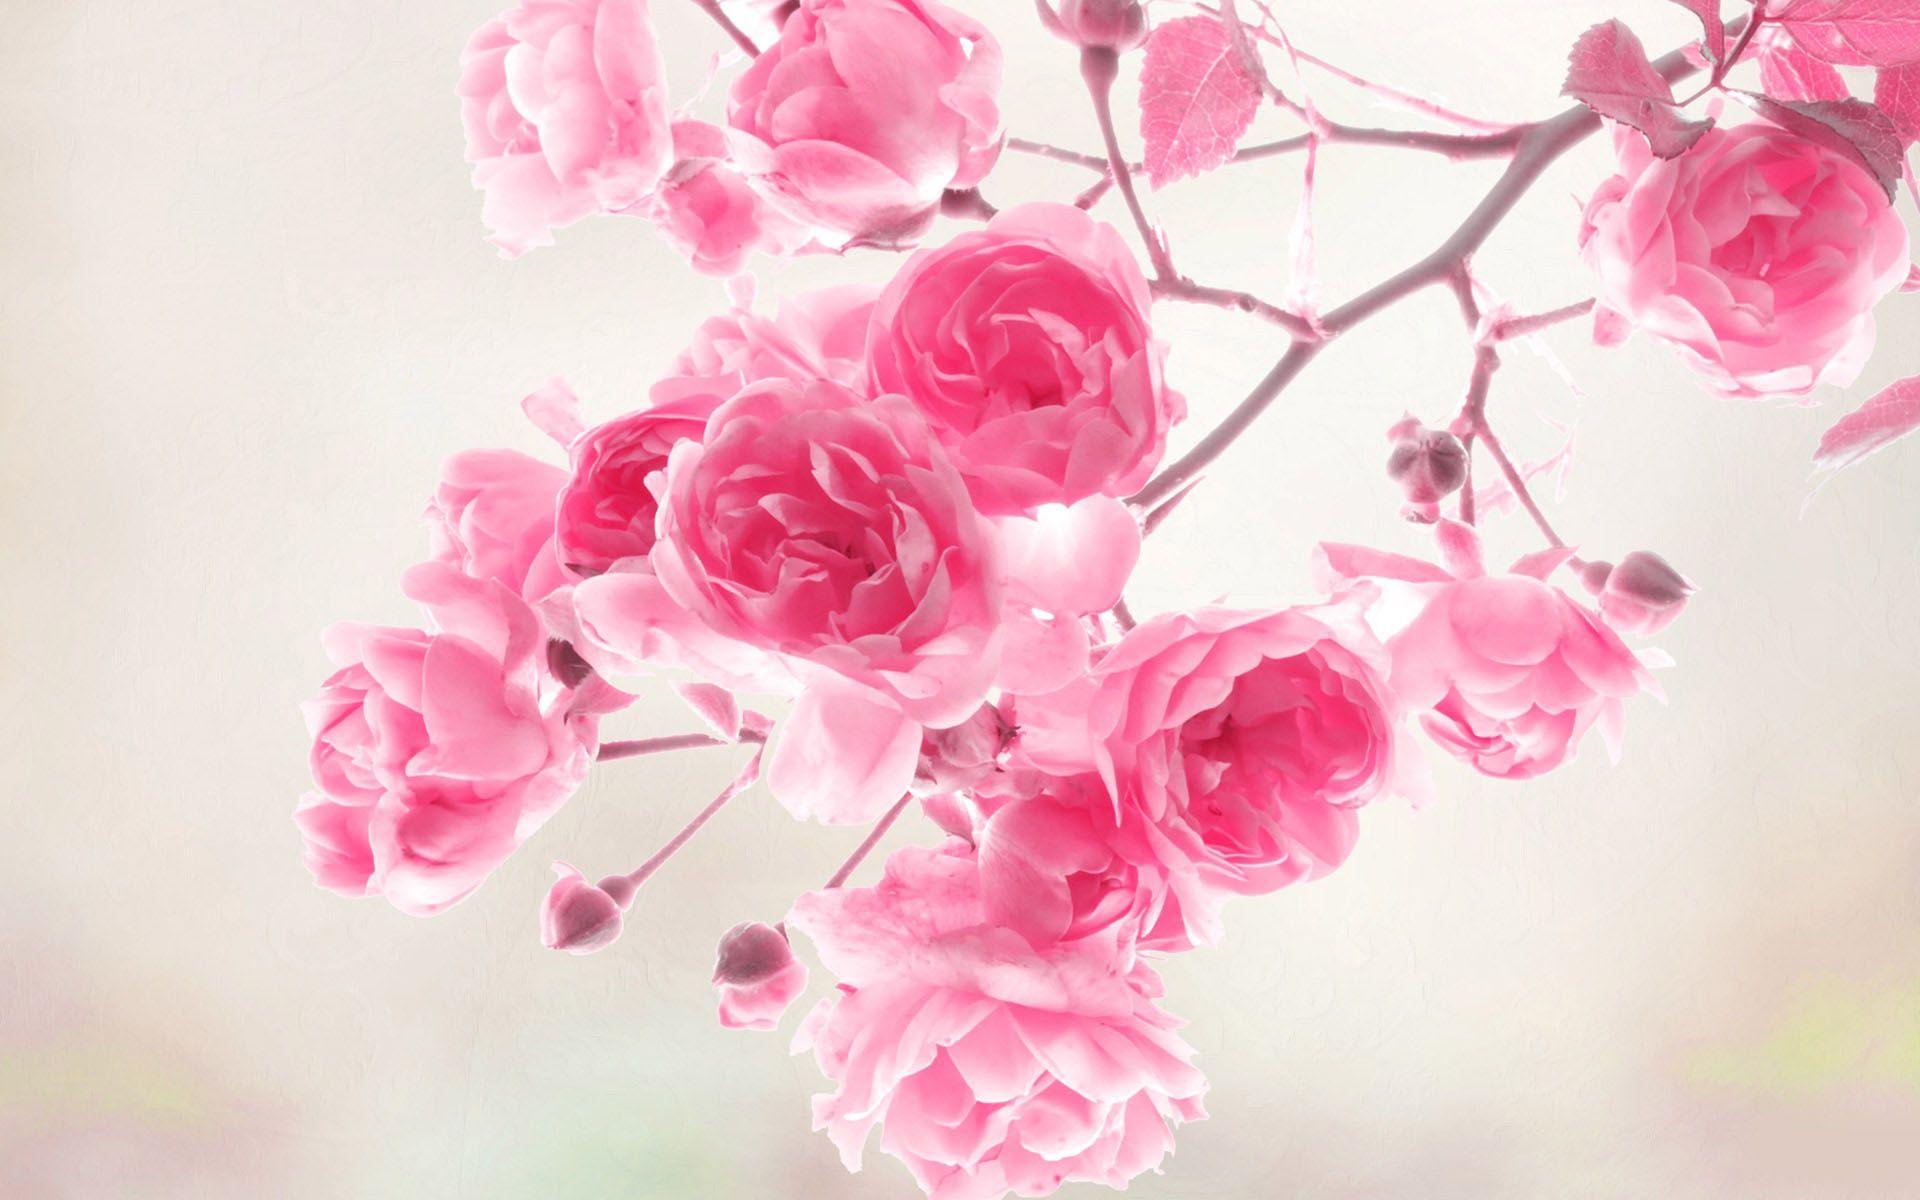 Hot Pink Flower Wallpaper 24 1920x1200